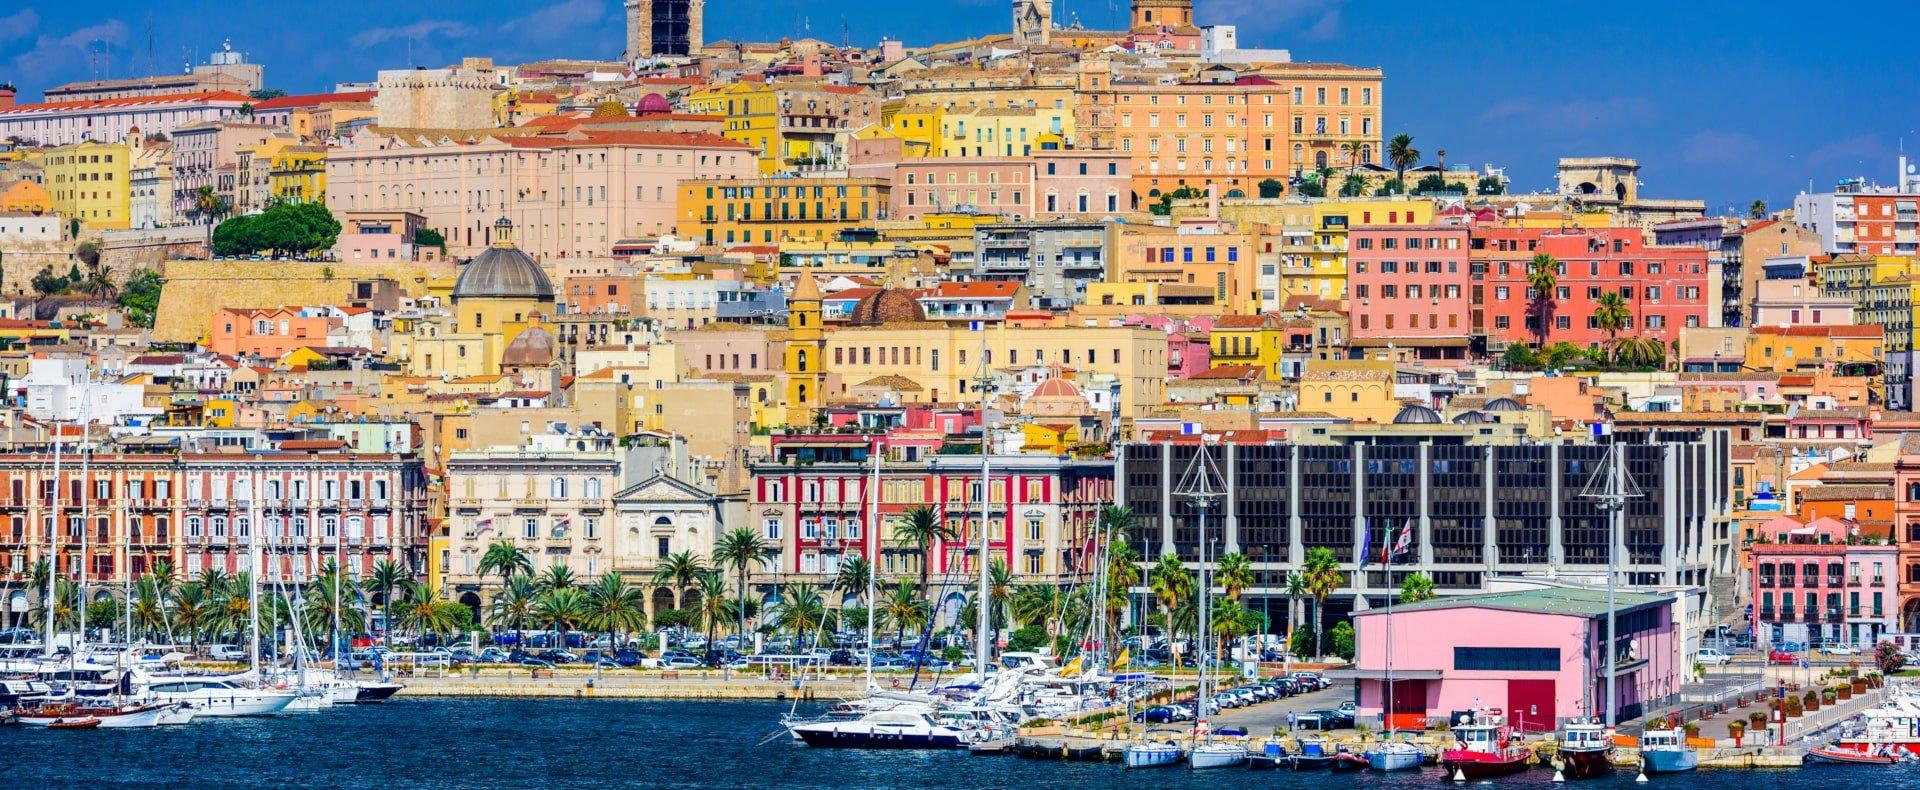 Cagliari, Italy